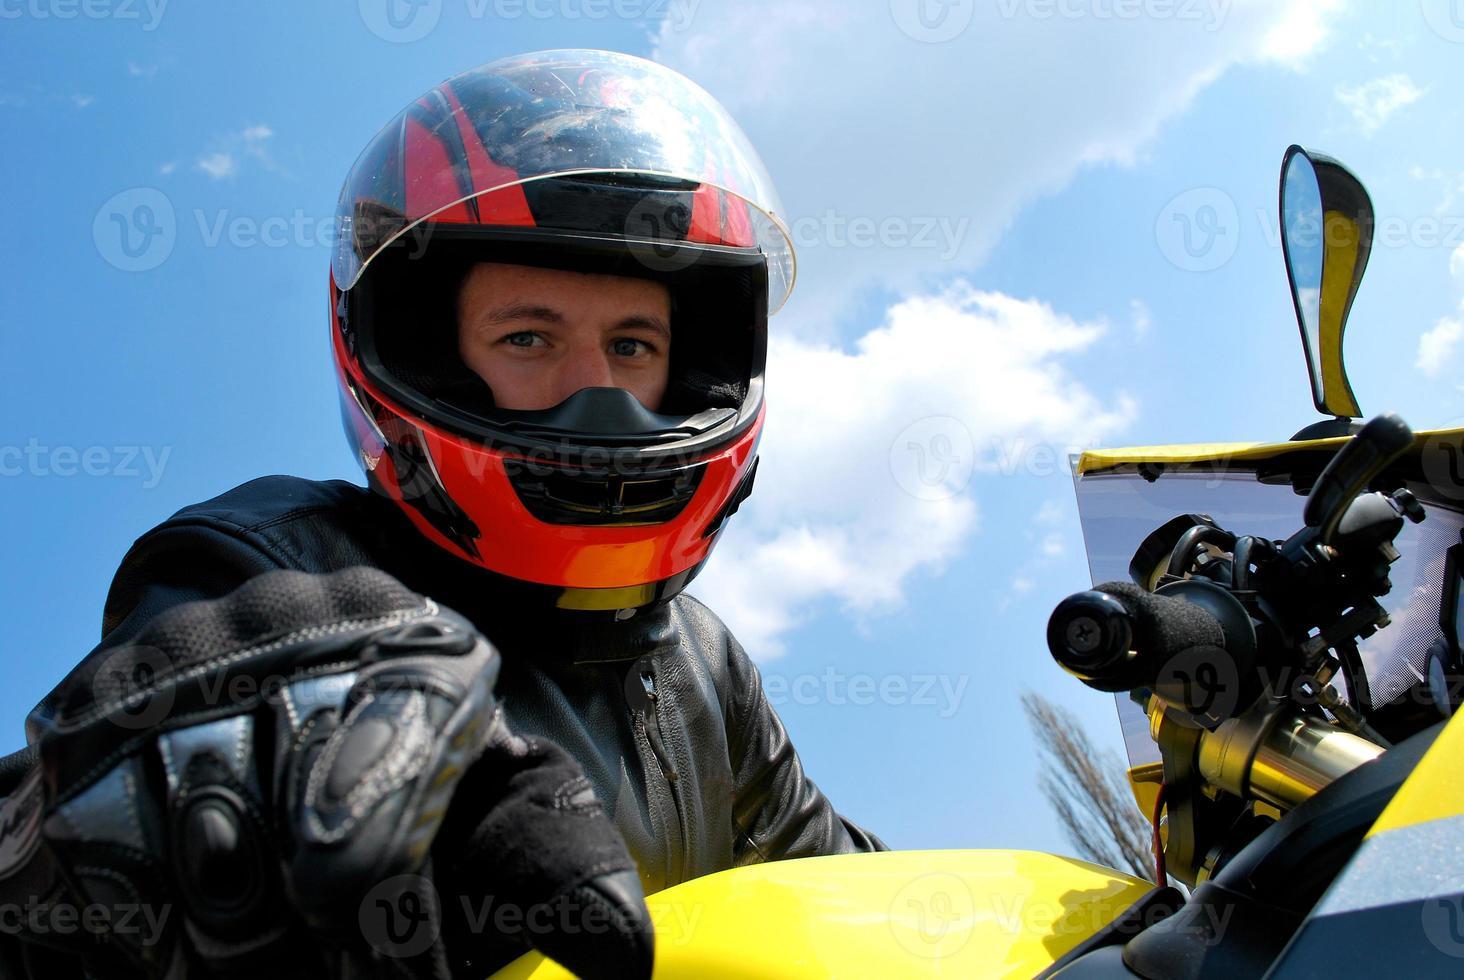 biker kijken naar de camera door middel van zijn helm foto